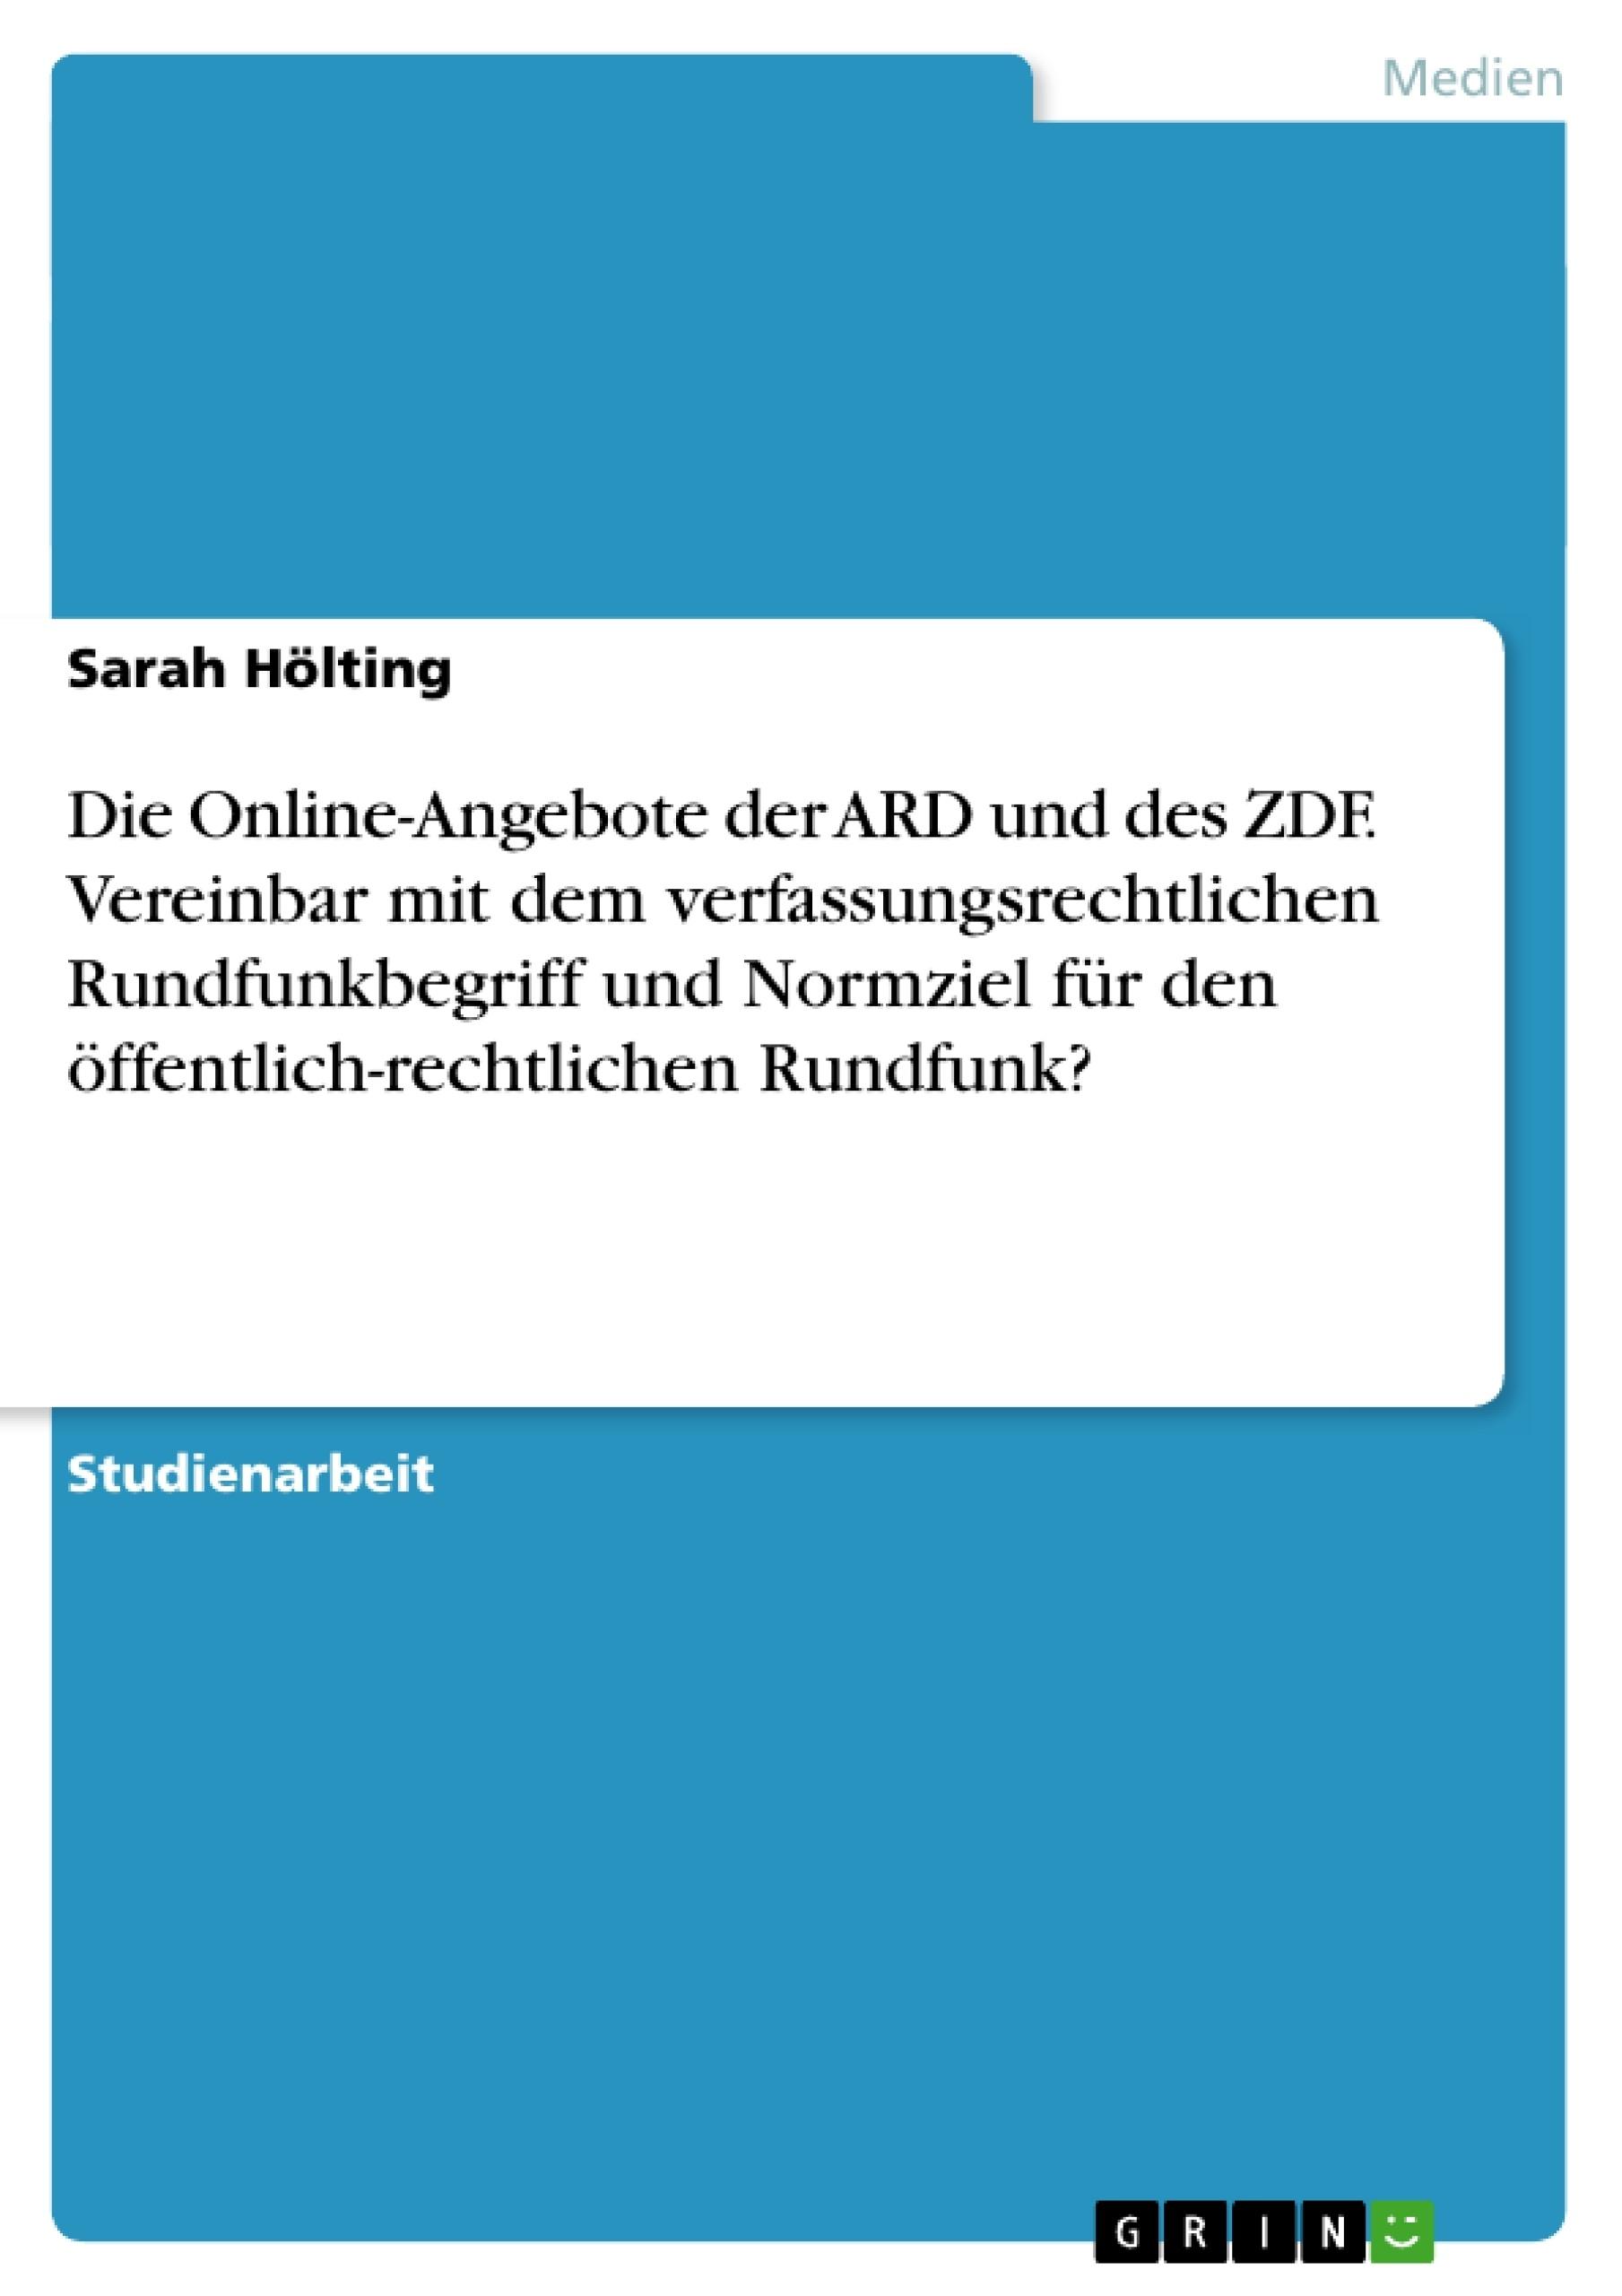 Titel: Die Online-Angebote der ARD und des ZDF. Vereinbar mit dem verfassungsrechtlichen Rundfunkbegriff und Normziel für den öffentlich-rechtlichen Rundfunk?